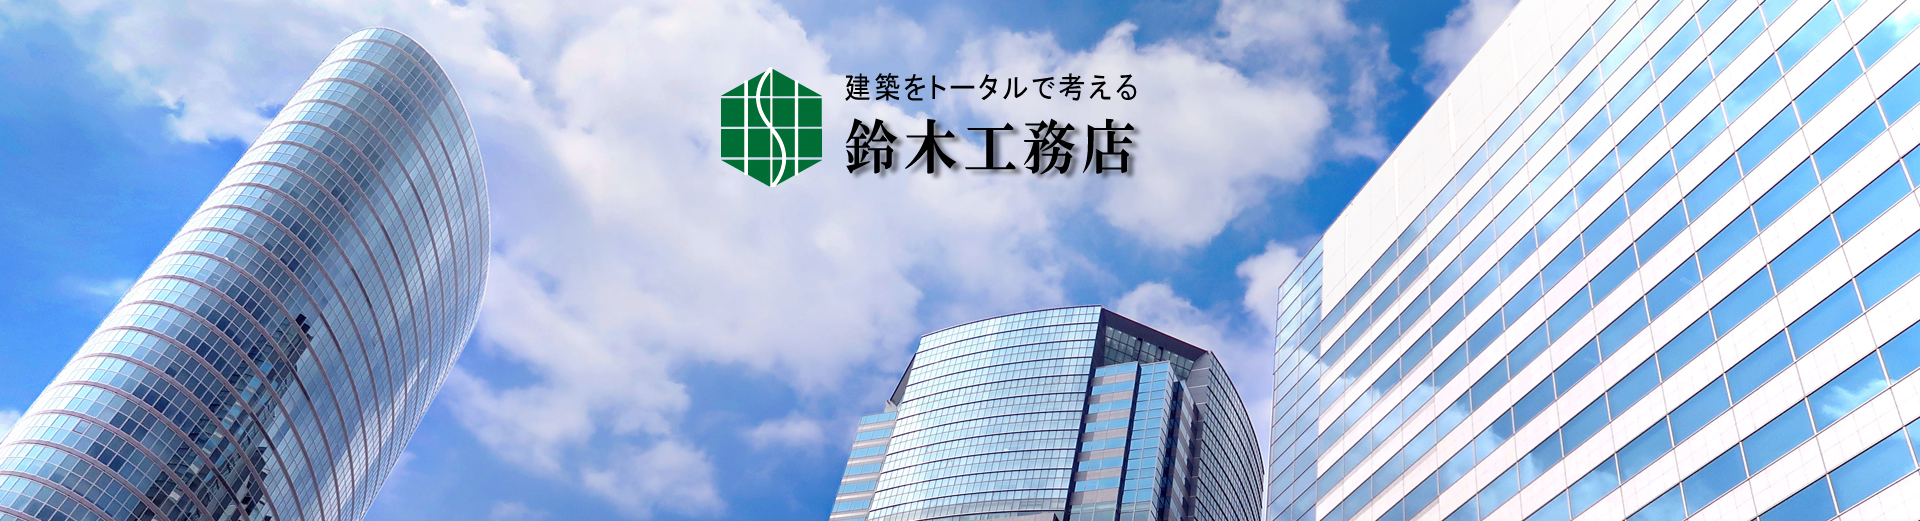 株式会社 鈴木工務店